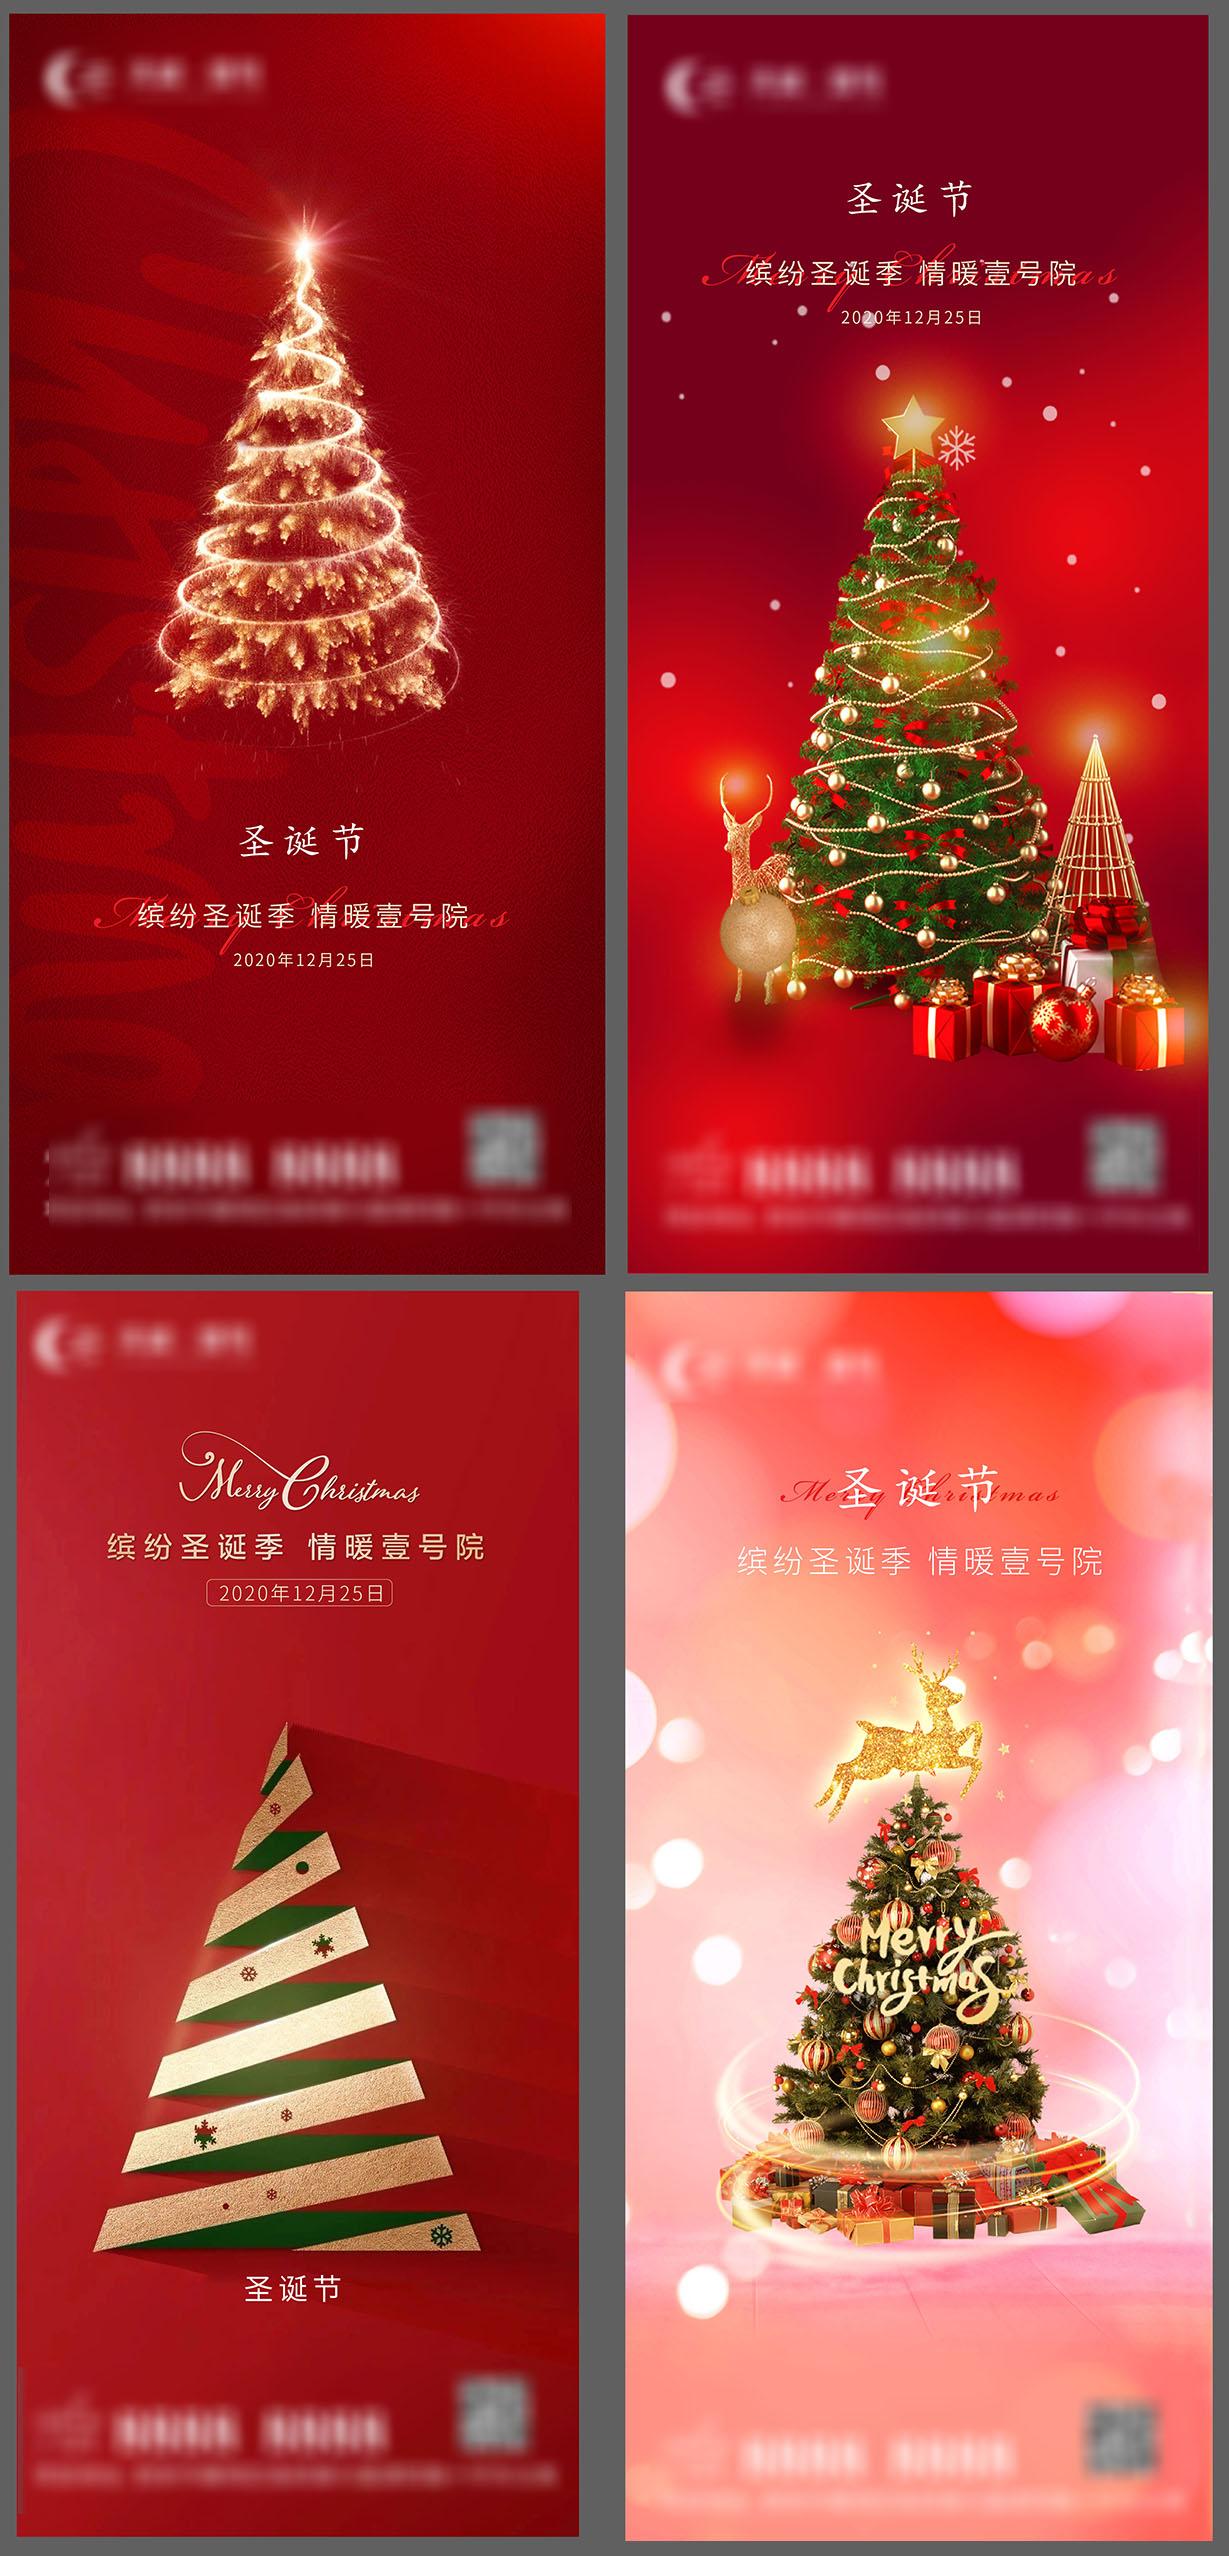 房地产圣诞节微信飞机稿海报AI源文件插图